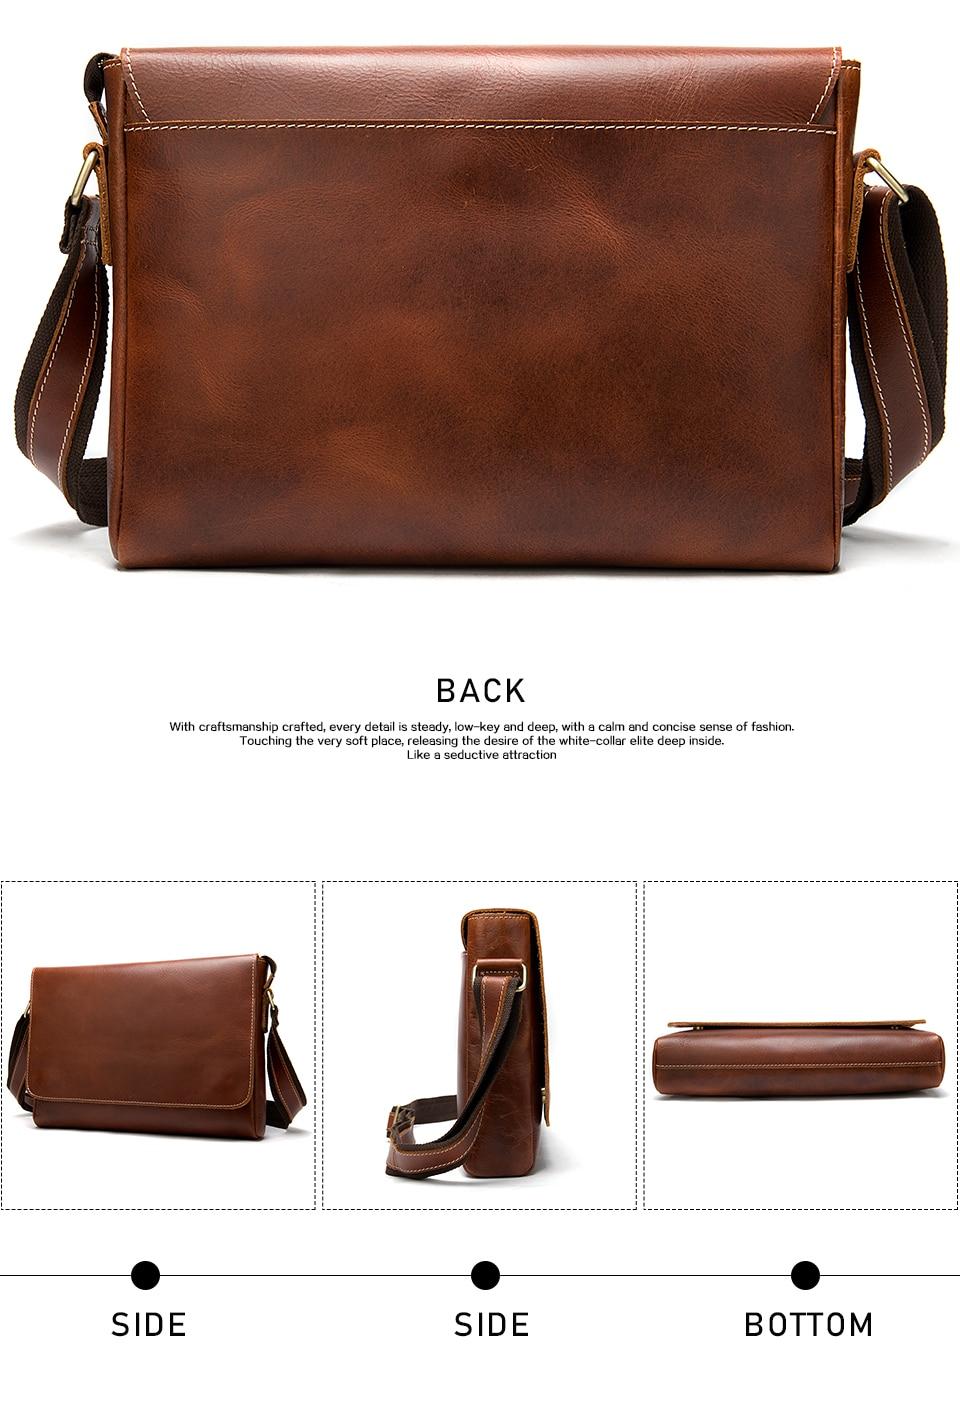 H0059e89e77da4397ace19ff730e05284P WESTAL Men's Briefcases Laptop Bag Leather Lawyer/office Bags Messenger Bags Men's Crazy Horse Leather Briefcases Business Bag